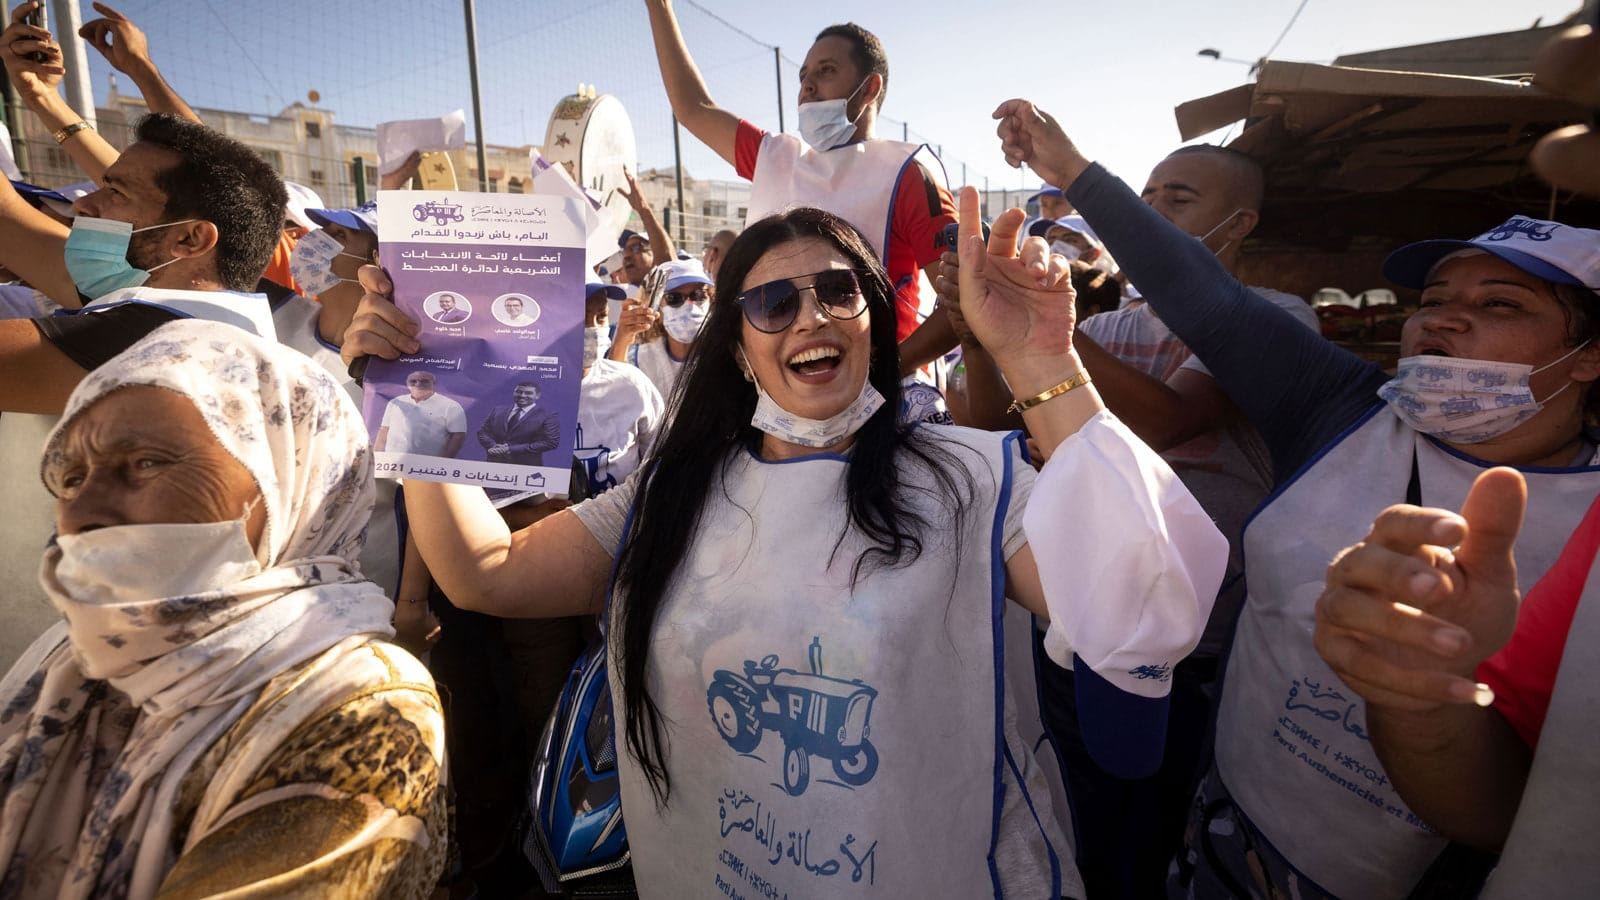 كل ما تريد أن تعرفه عن انتخابات المغرب في هذه السطور